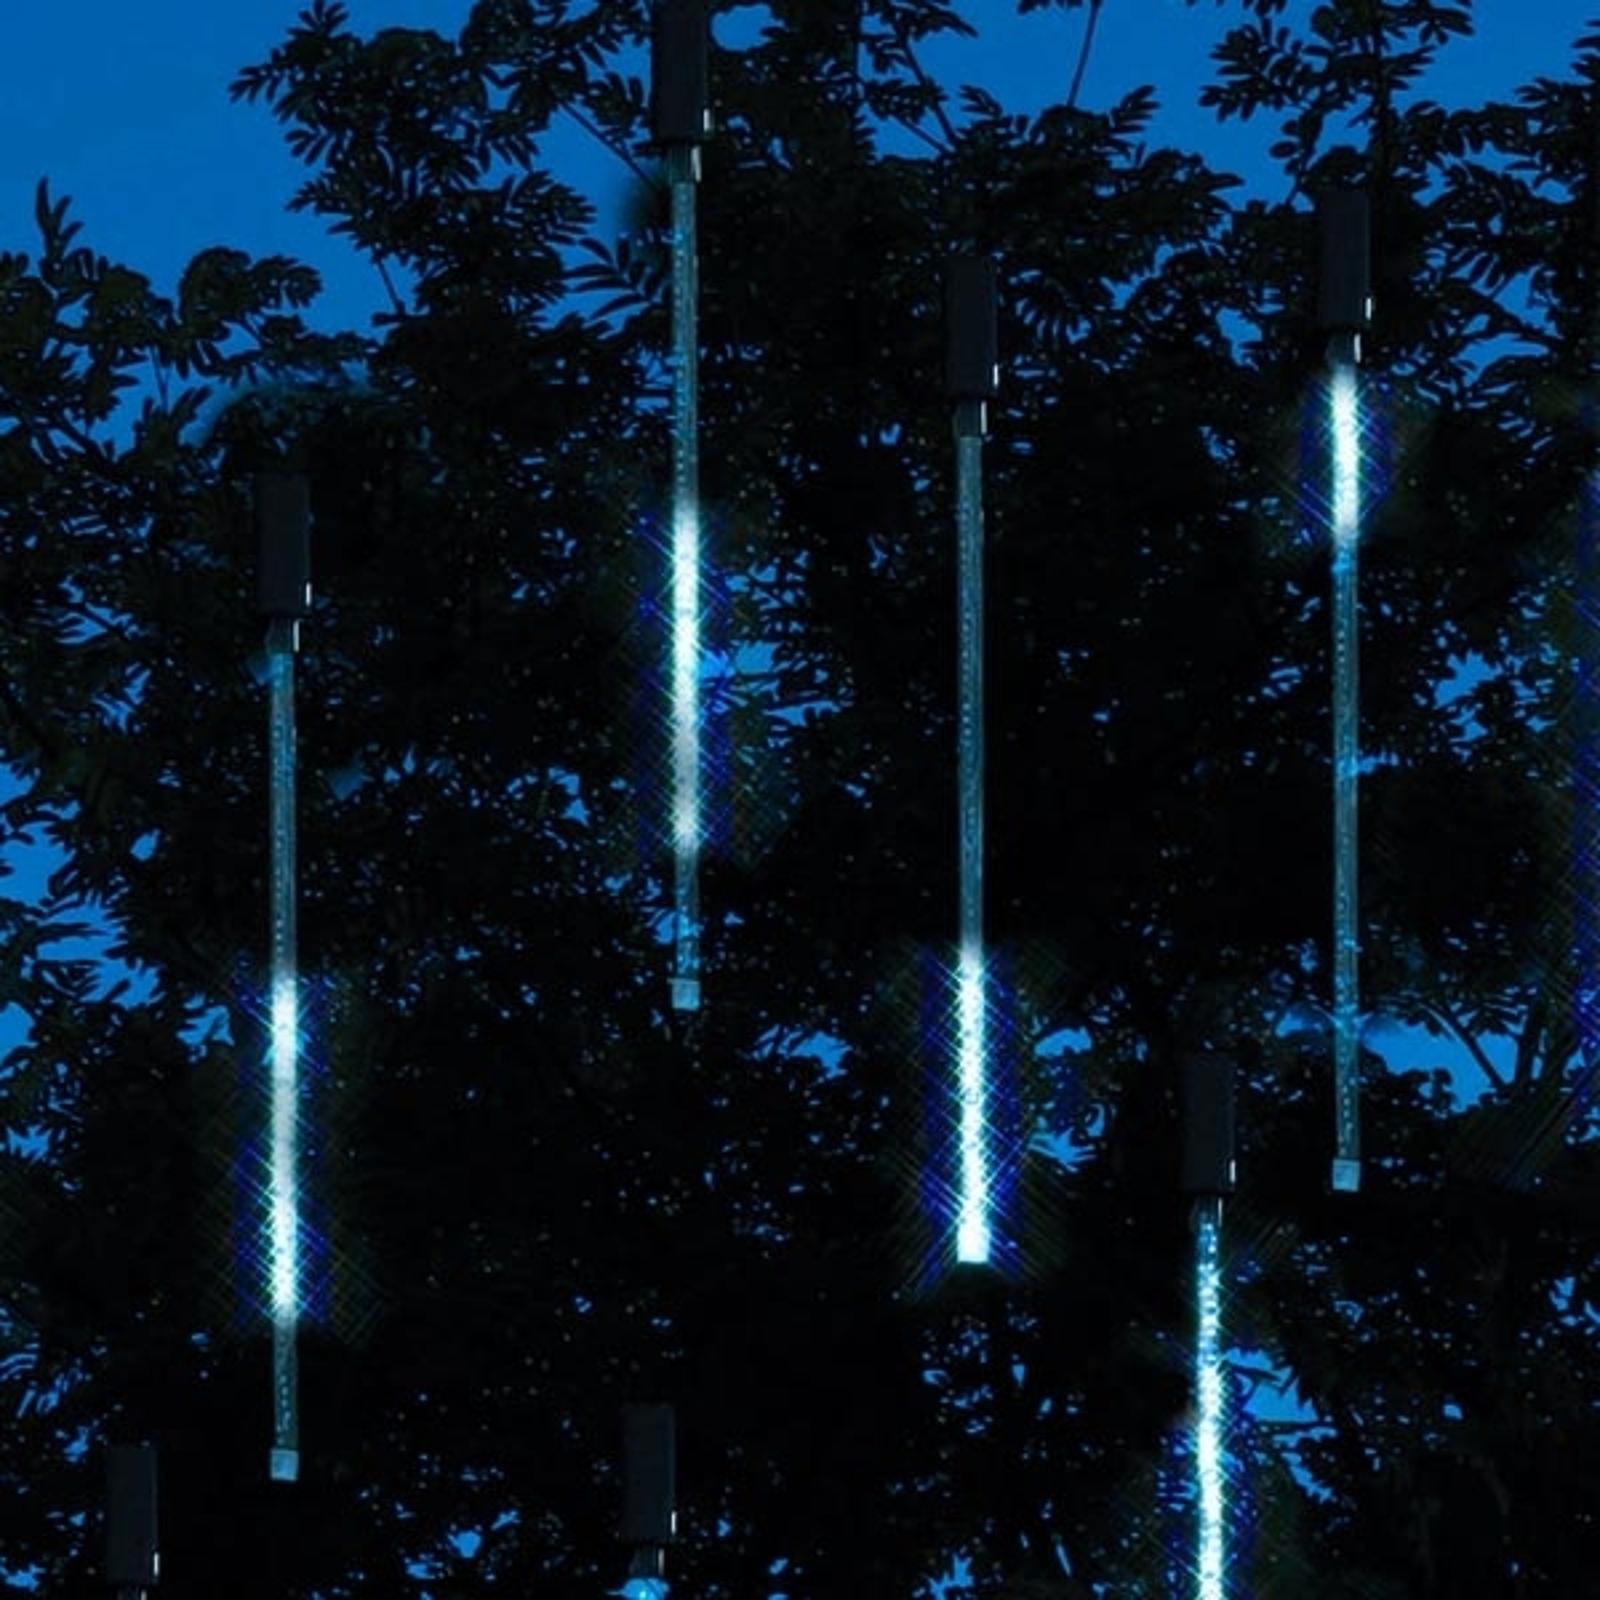 Snow Motion LED-belysningselement tilbehør